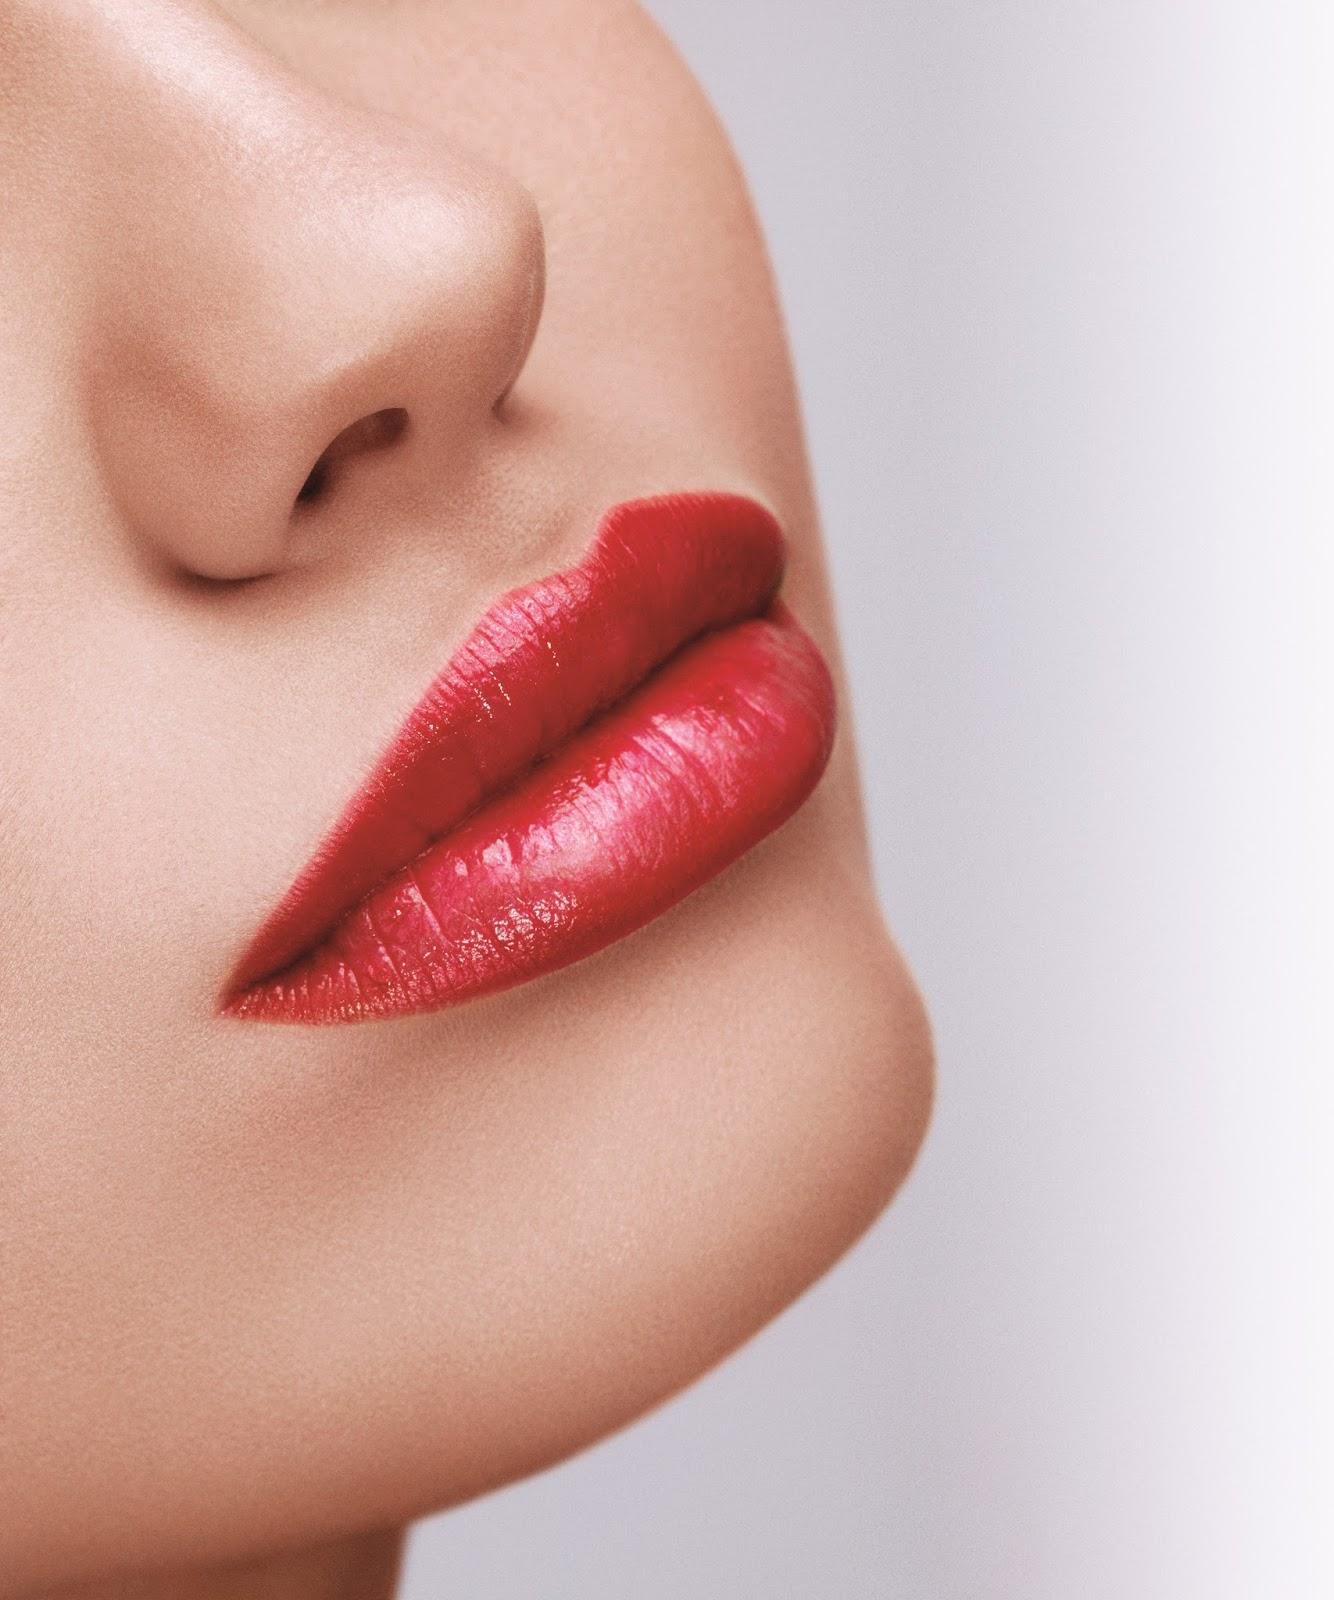 Çekici dudaklara kavuşmanın yolları